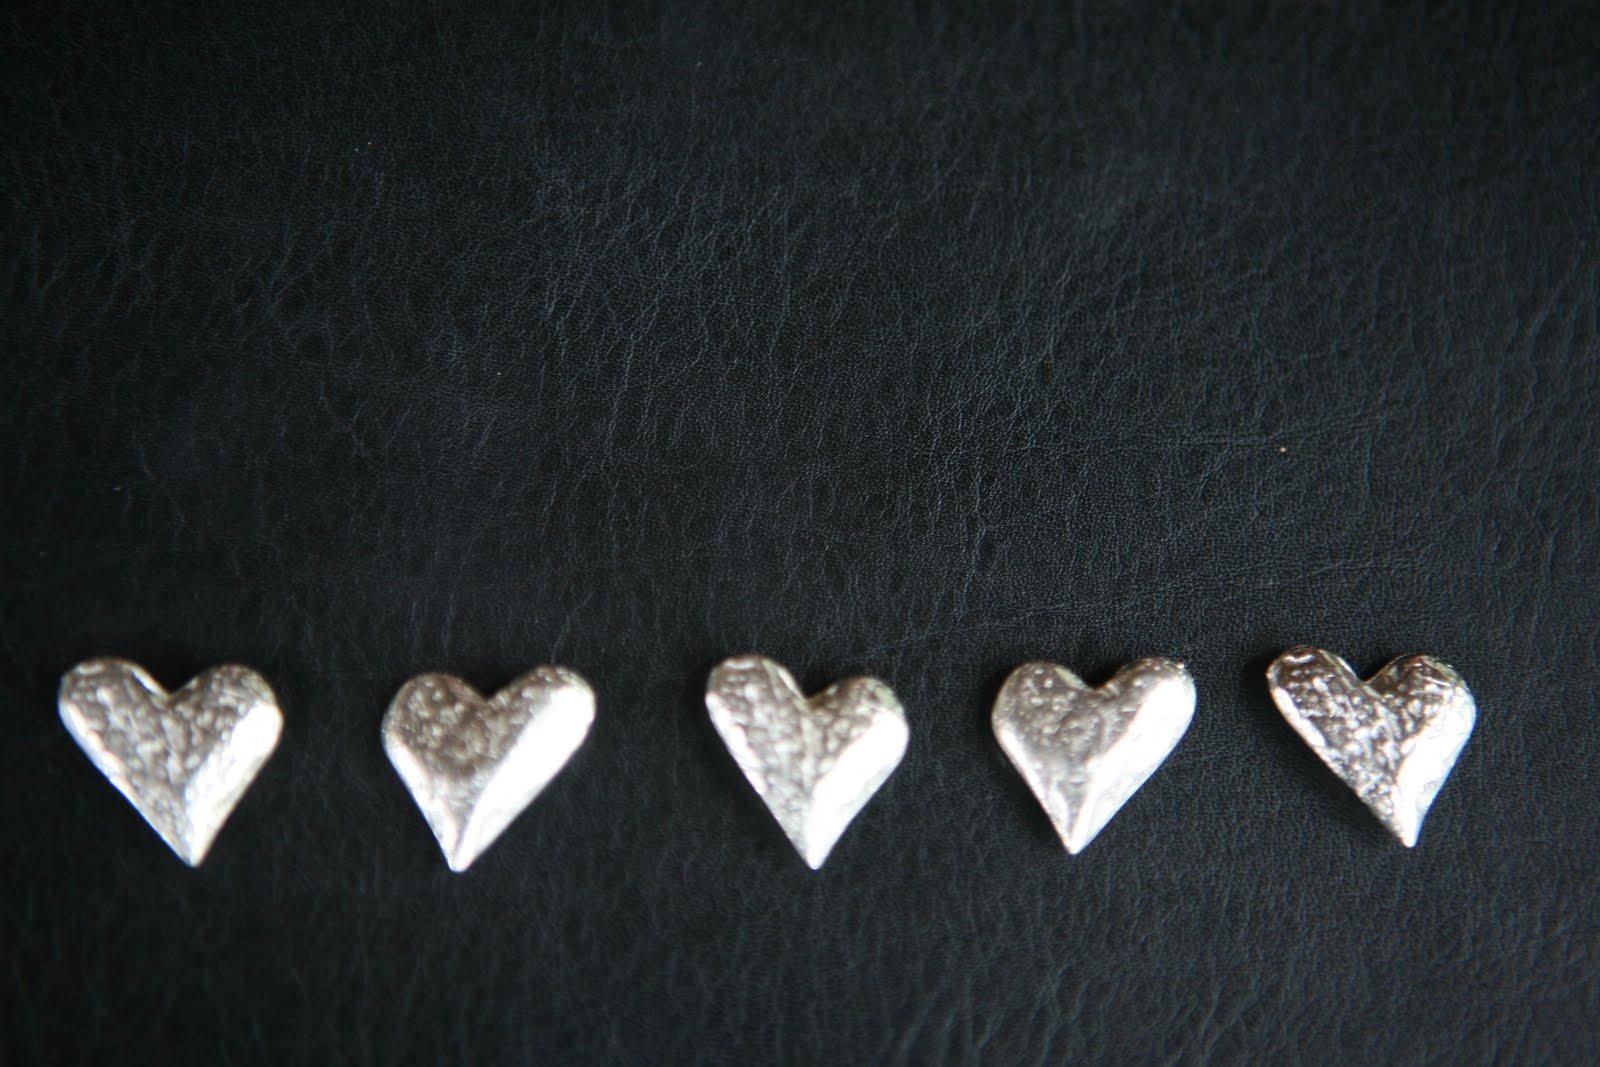 http://1.bp.blogspot.com/_C6brulQYN5U/TBUUY_XekEI/AAAAAAAAABw/ovzEsueFj7Y/s1600/5+hearts+black+journal.JPG